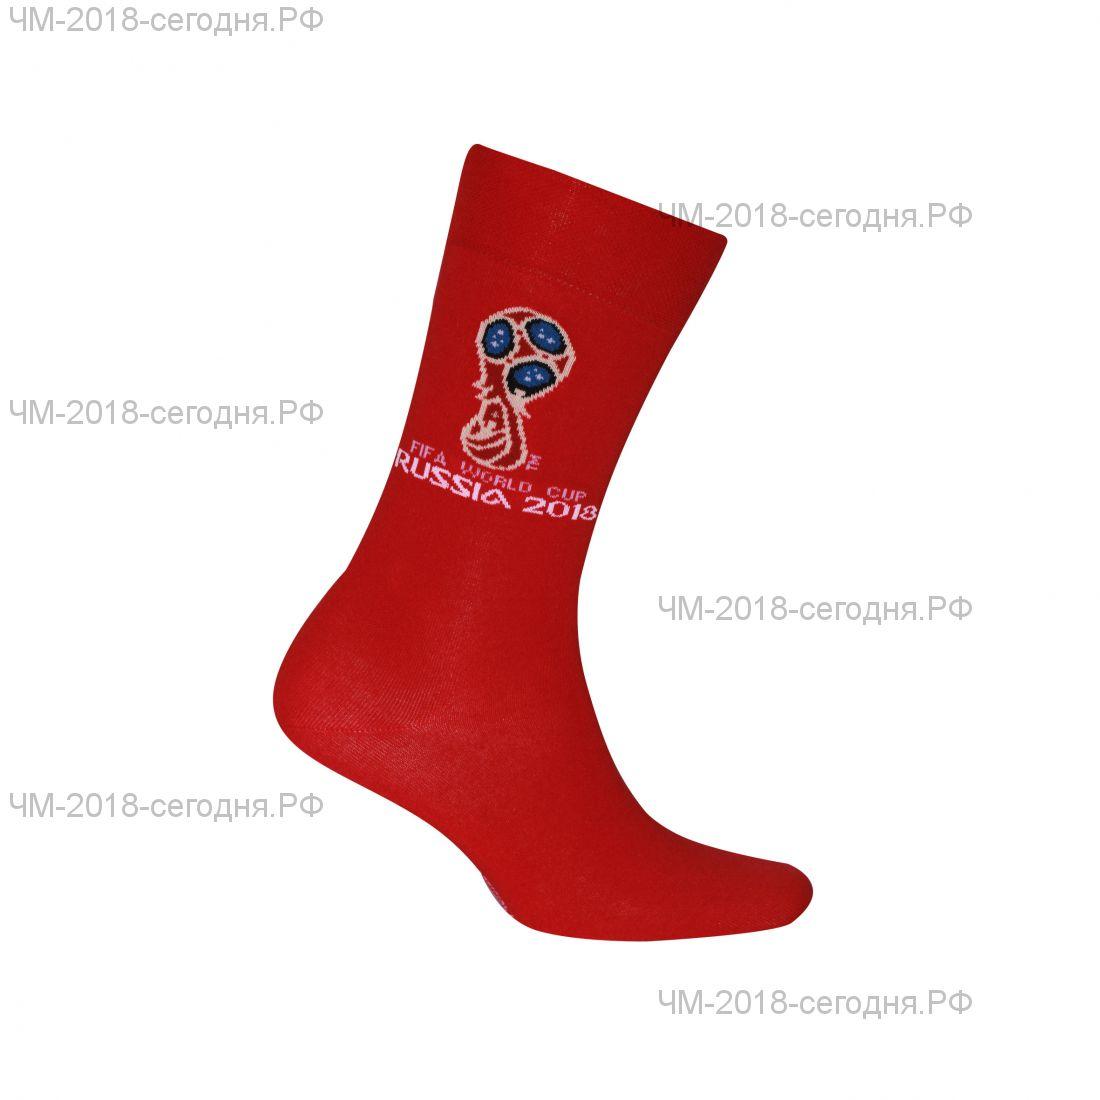 Носки с официальной эмблемой Кубок FIFA 2018 (красные)